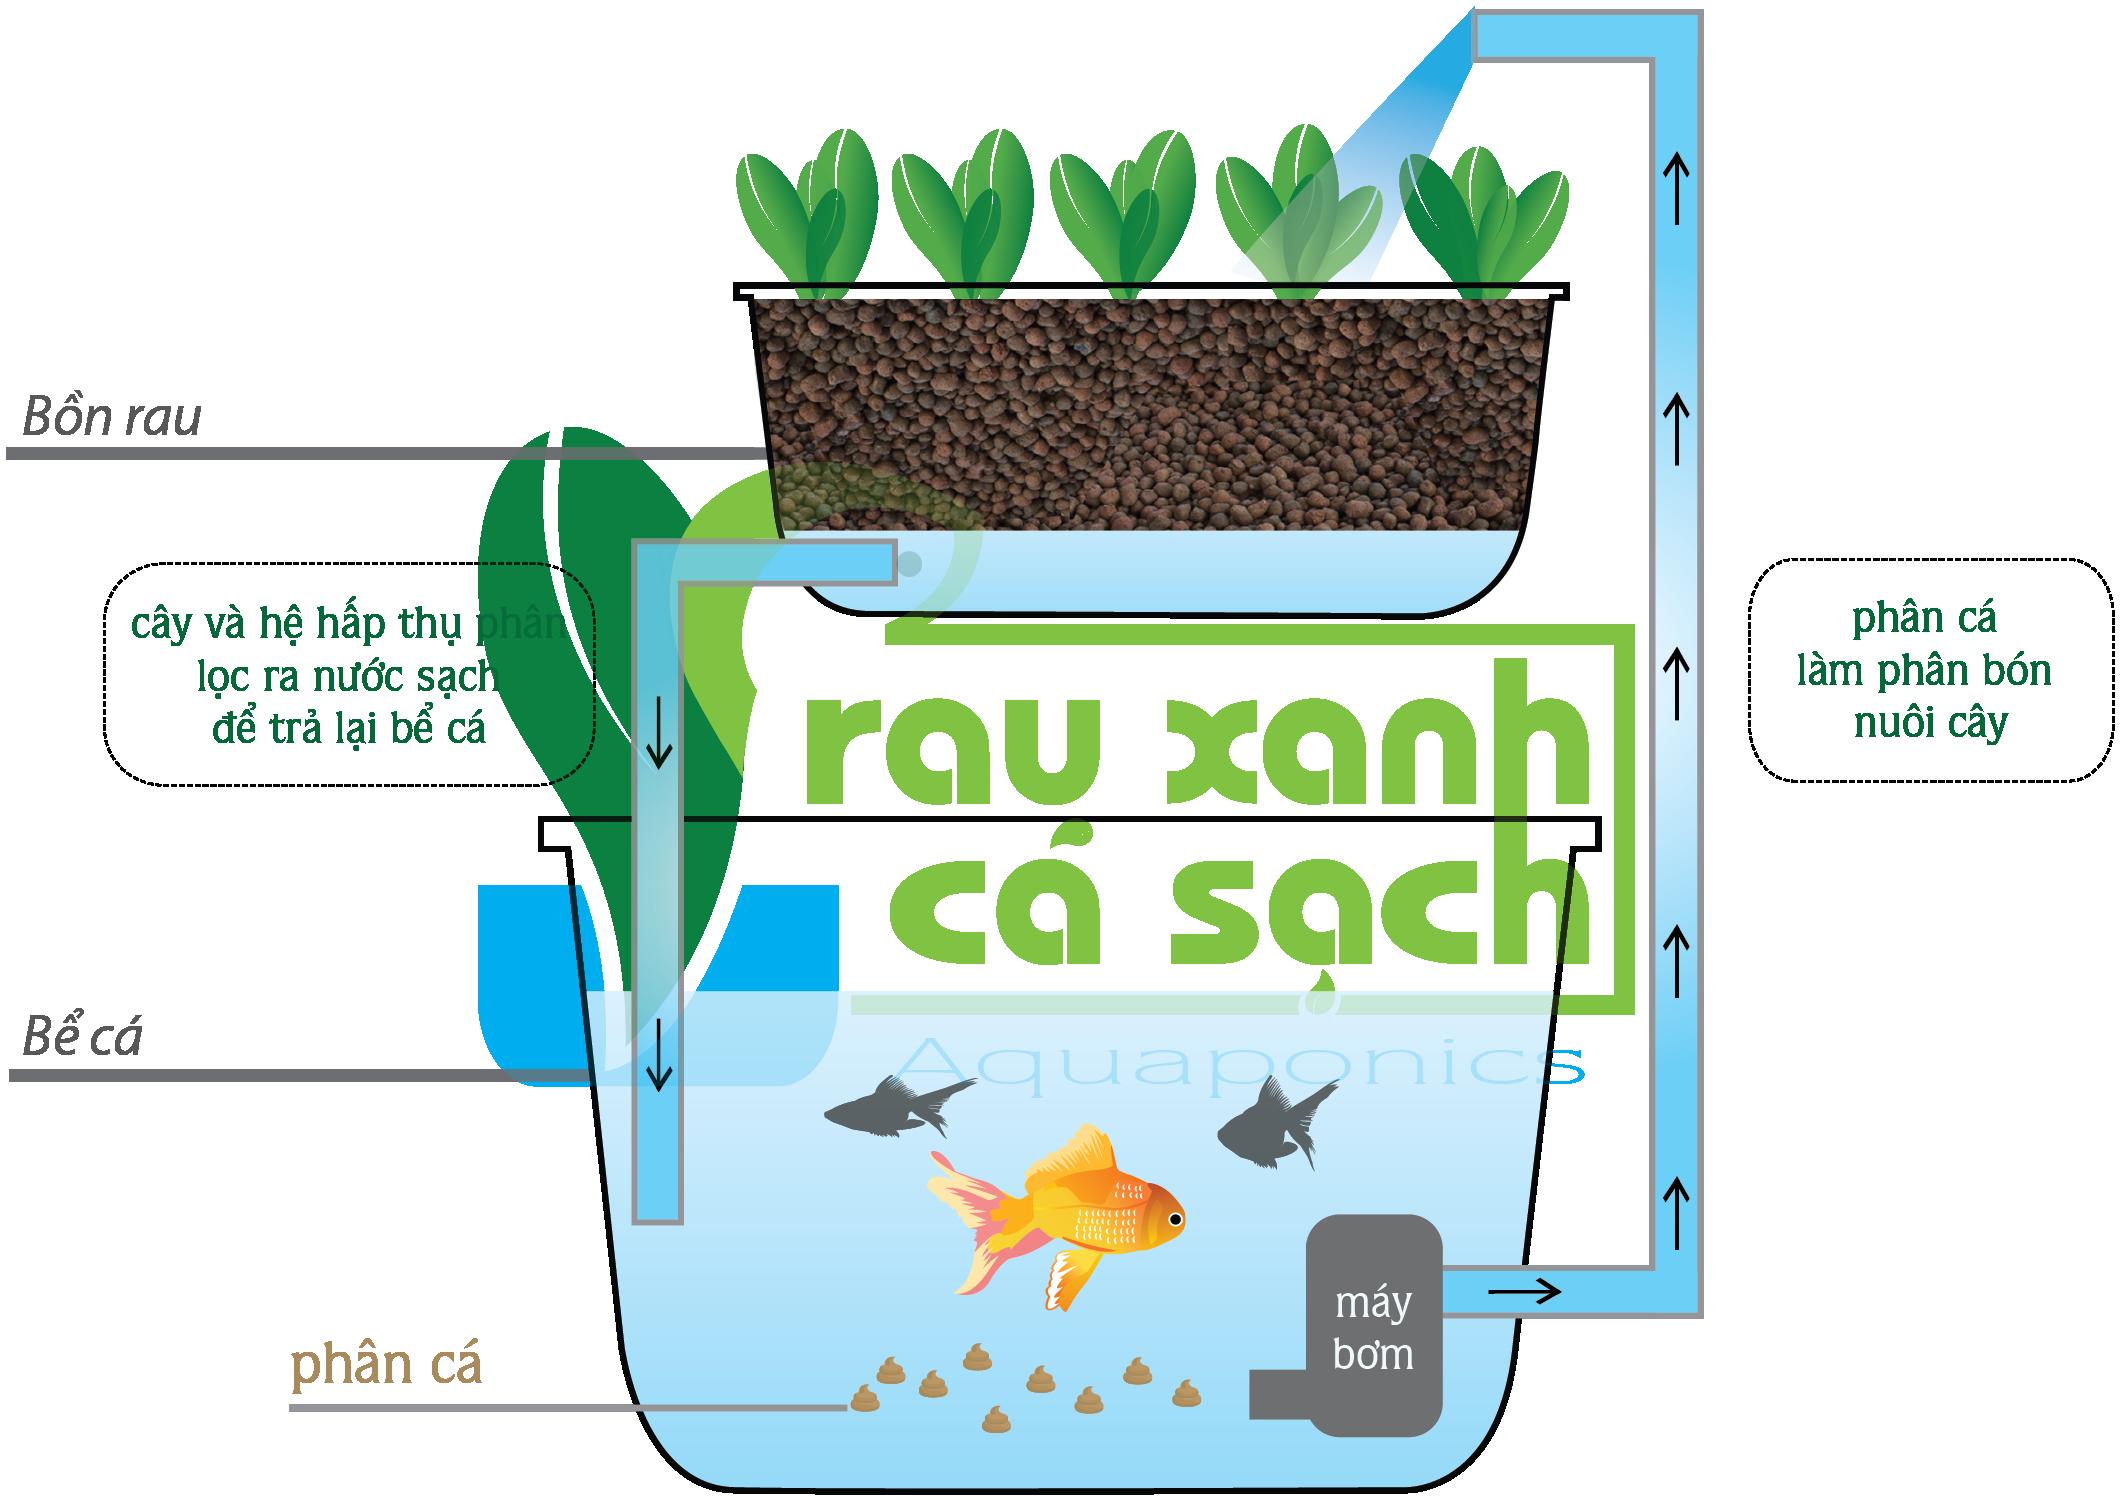 Dịch vụ trồng rau Aquaponics và rau thủy canh tại nhà